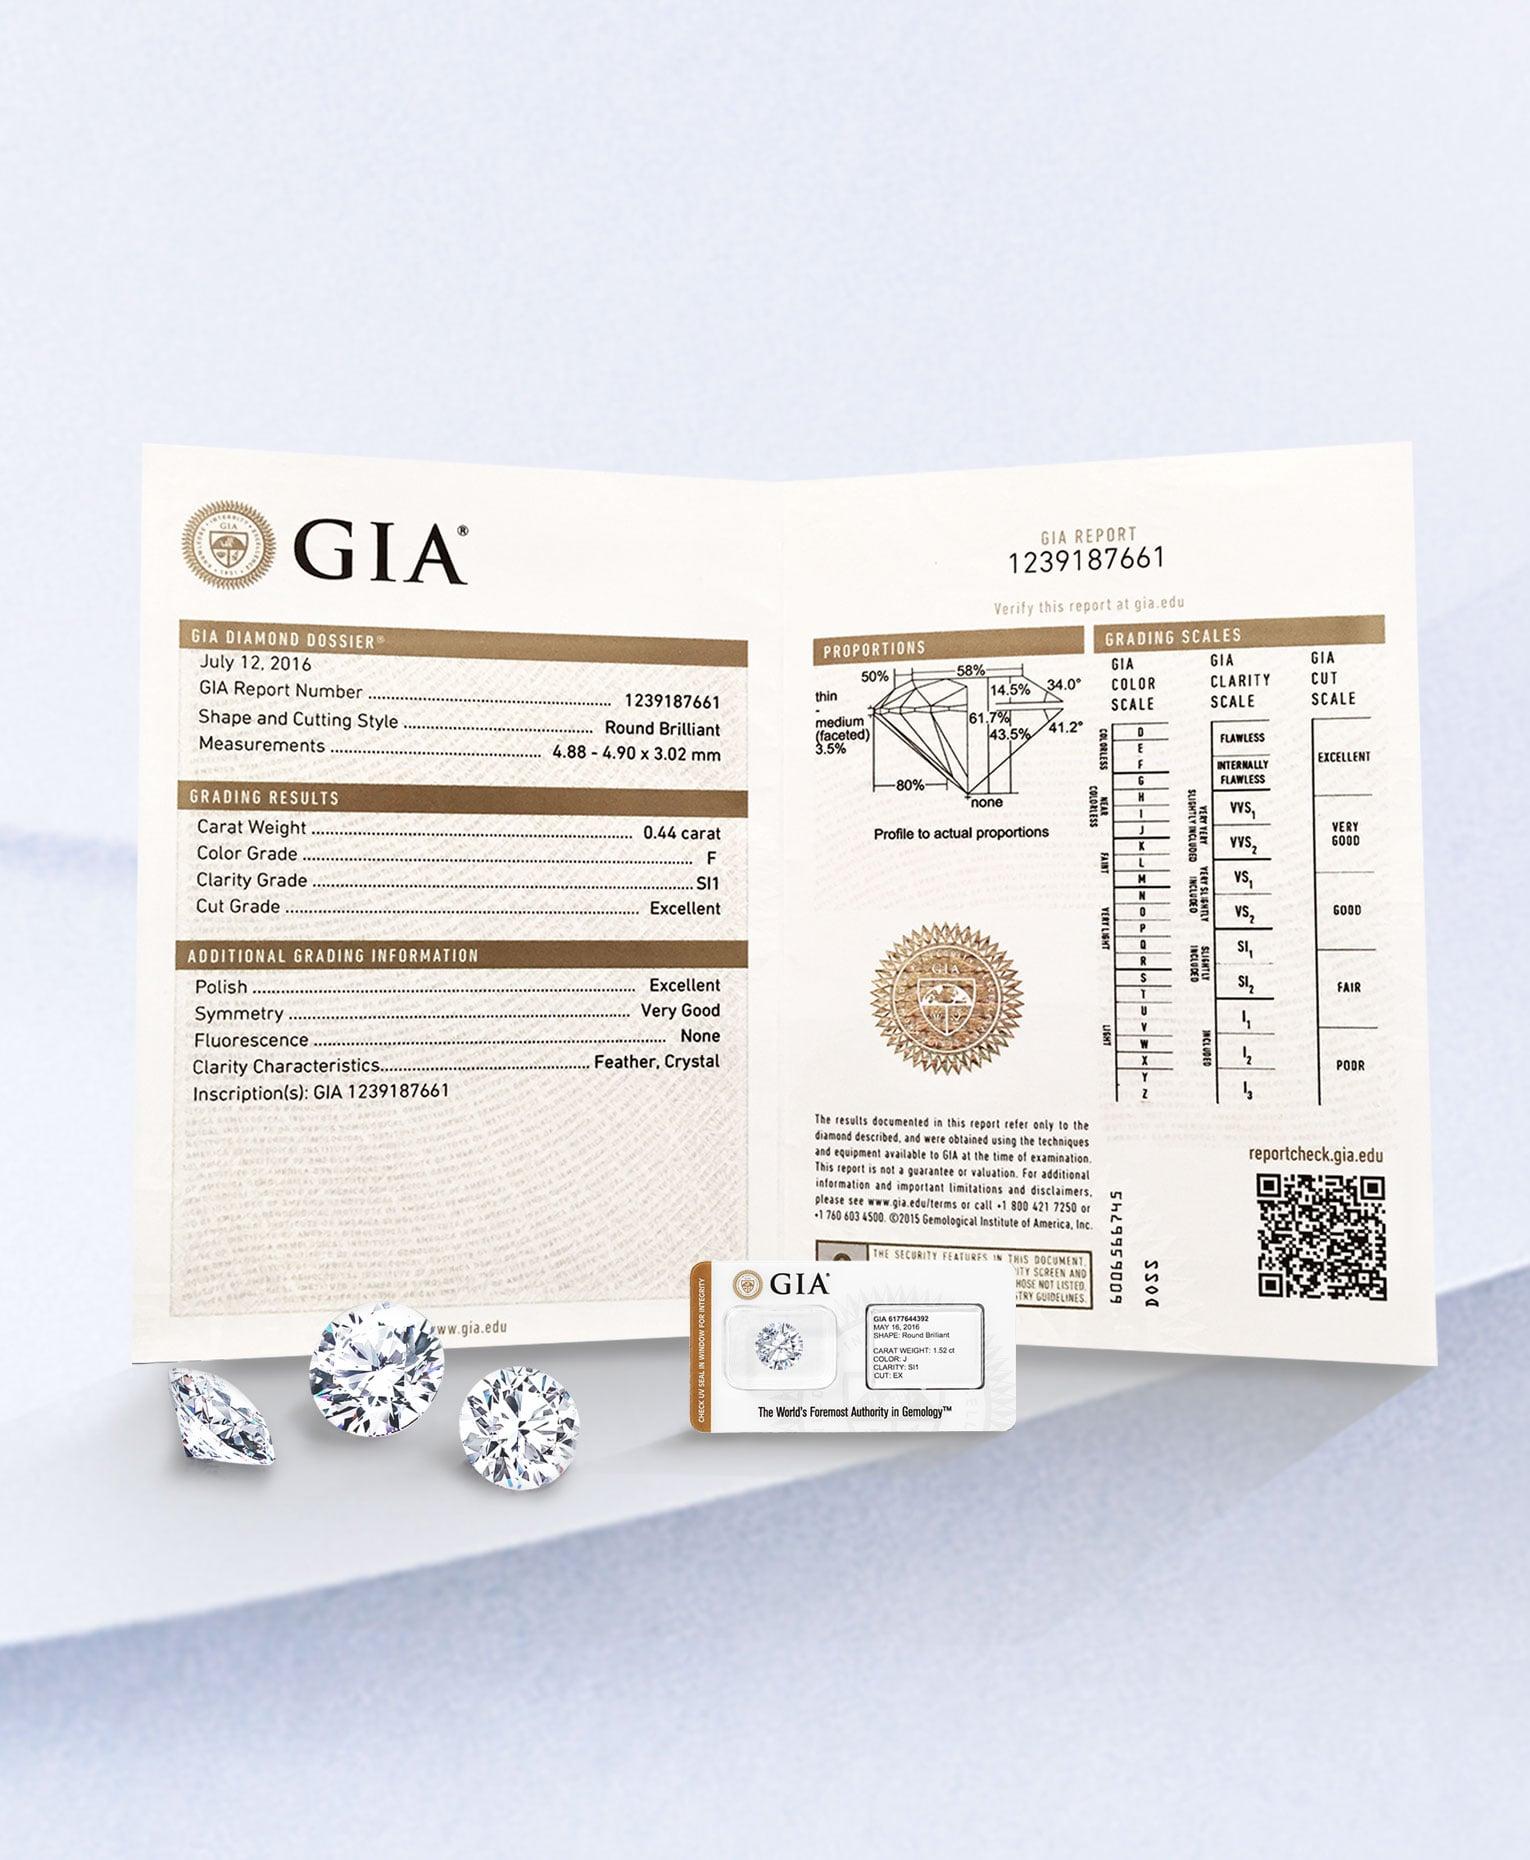 แหวนเพชร, เพชร, DER MOND, ใบเซอร์เพชร, GIA, HRD, ร้านเพชรสยามพารากอน